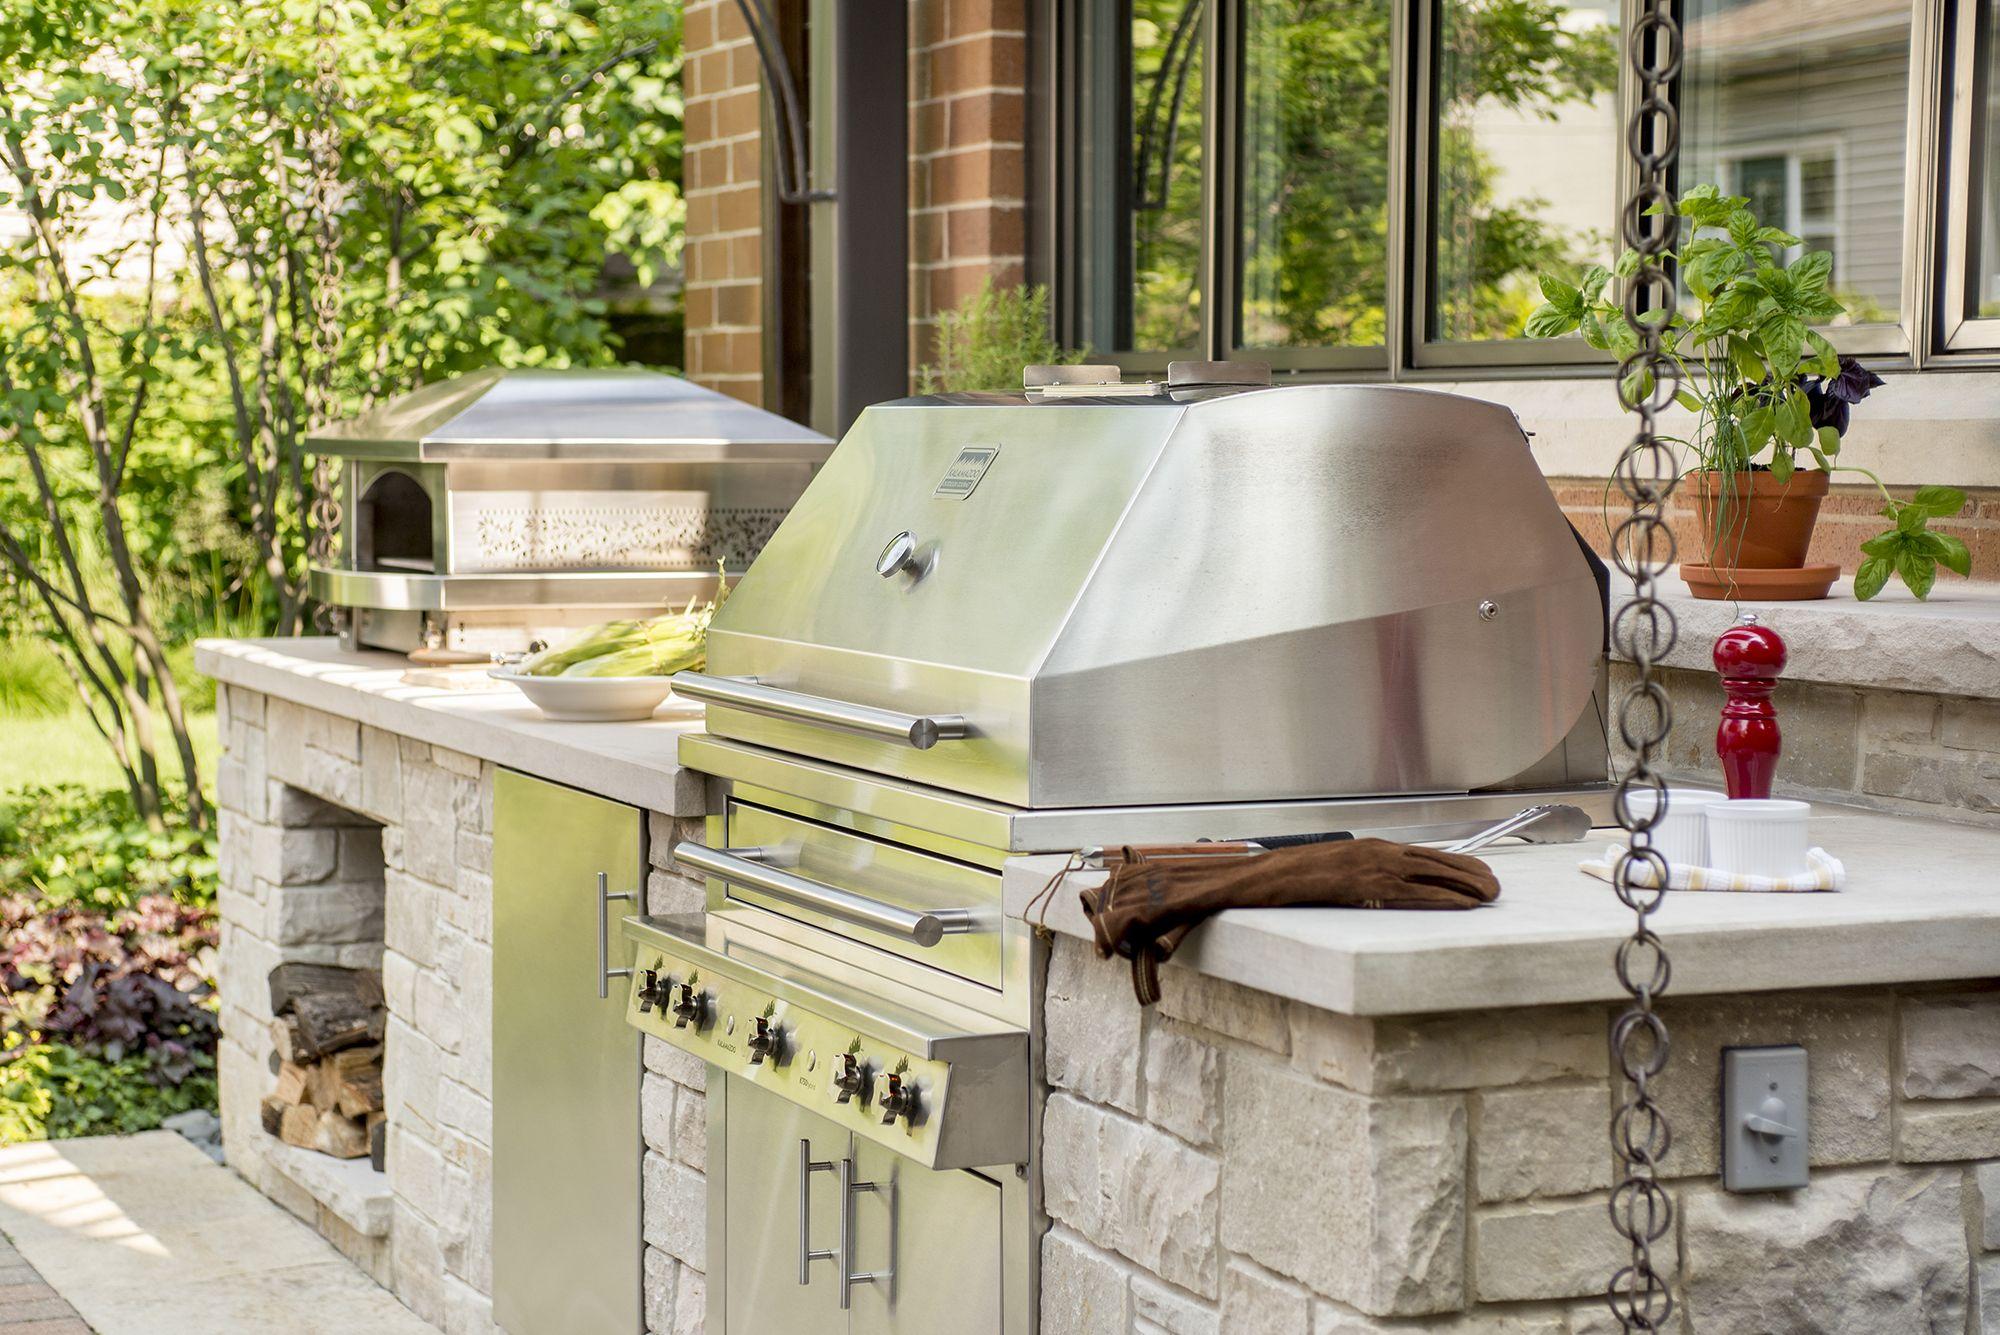 kalamazoo outdoor kitchen - chicago, illinois | kalamazoo outdoor